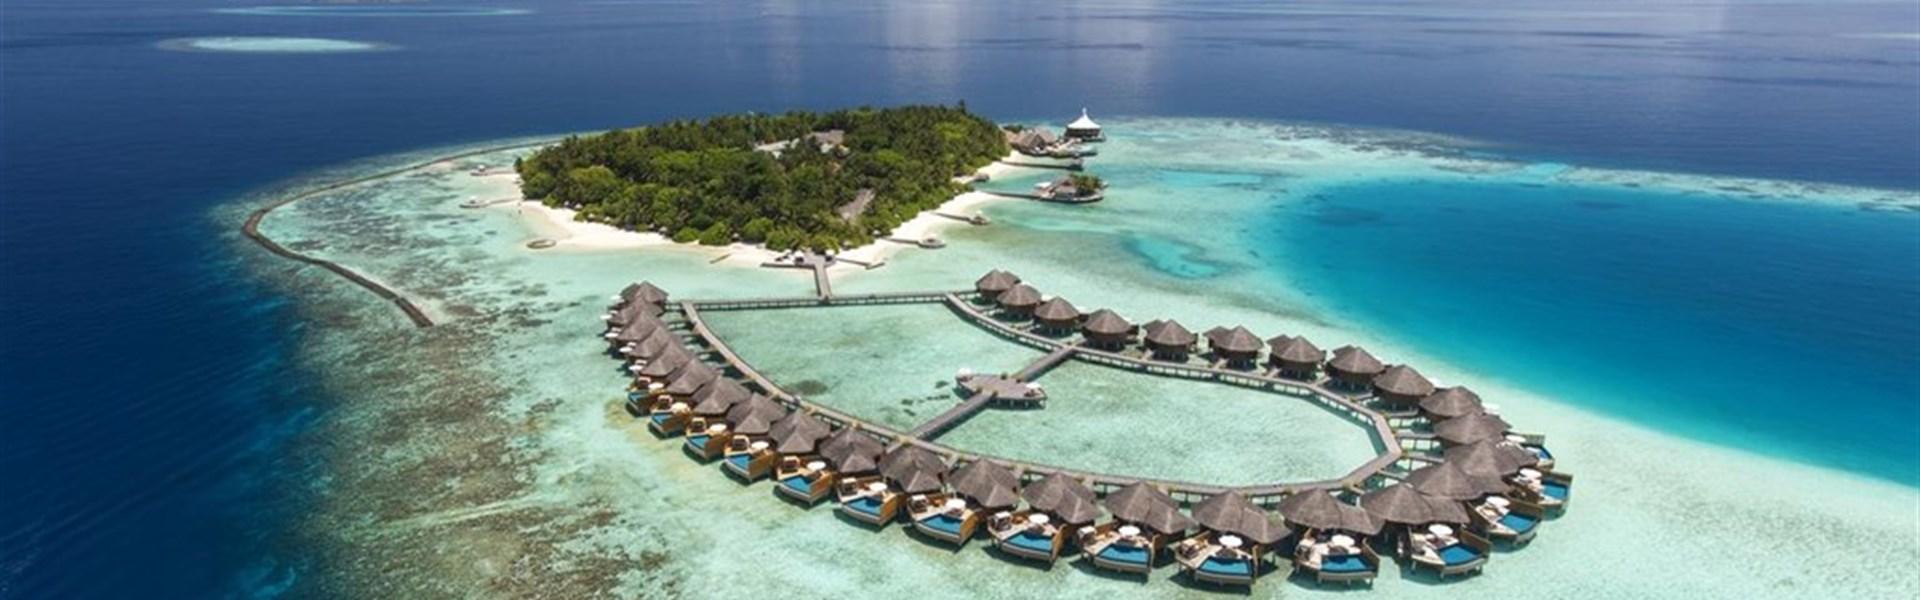 Marco Polo - Baros Maldives Resort 5* - - Pohled na ostrov s vilami nad vodou